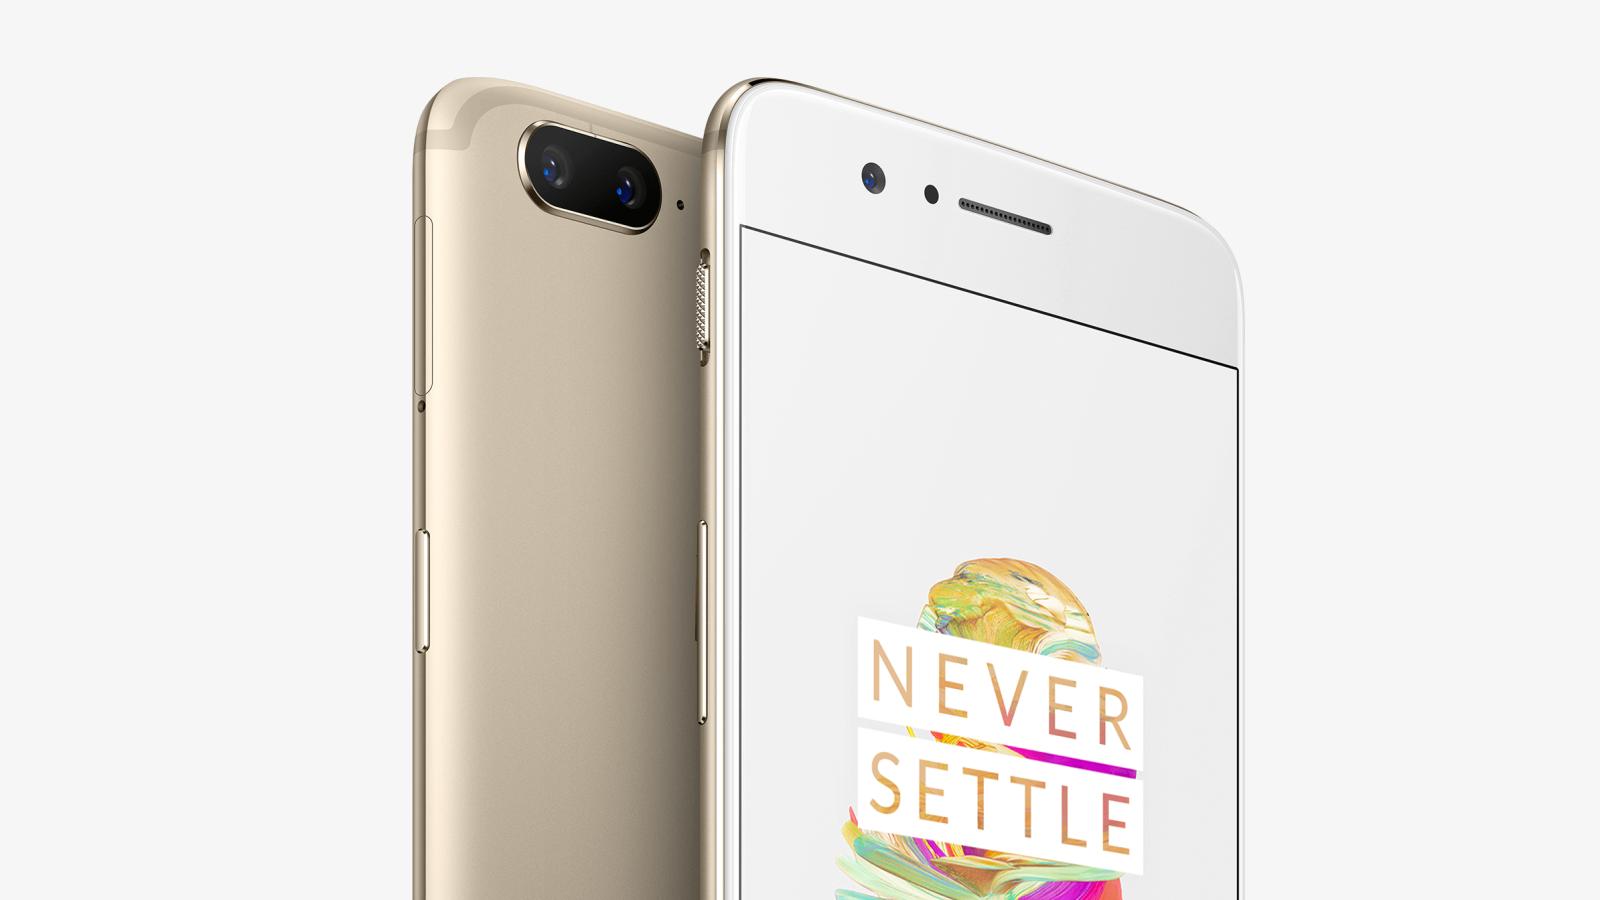 В реализацию поступила новая ограниченная расцветка OnePlus 5